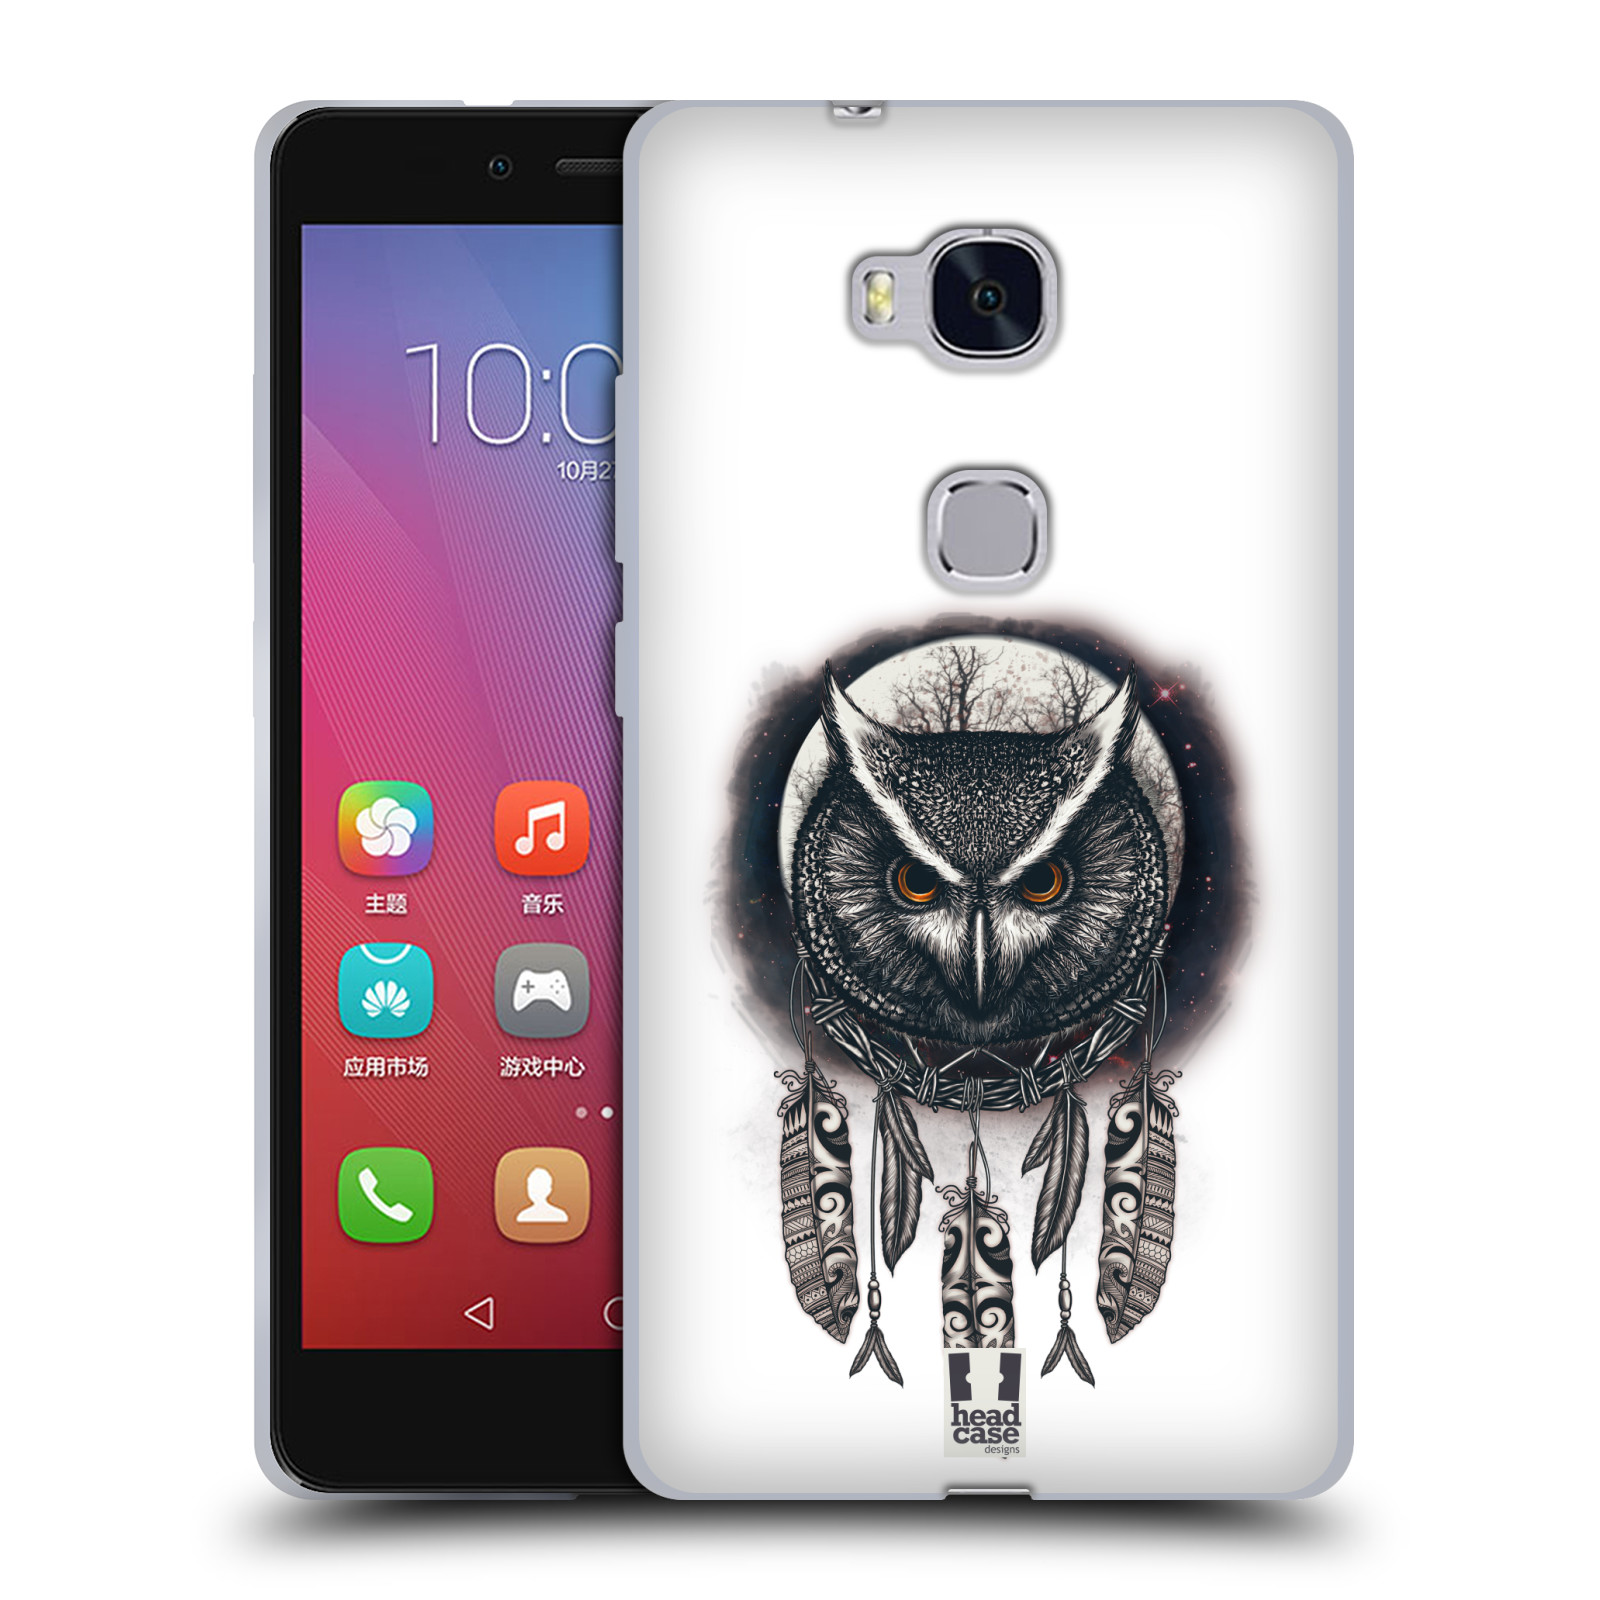 Silikonové pouzdro na mobil Honor 5X - Head Case - Soví lapač